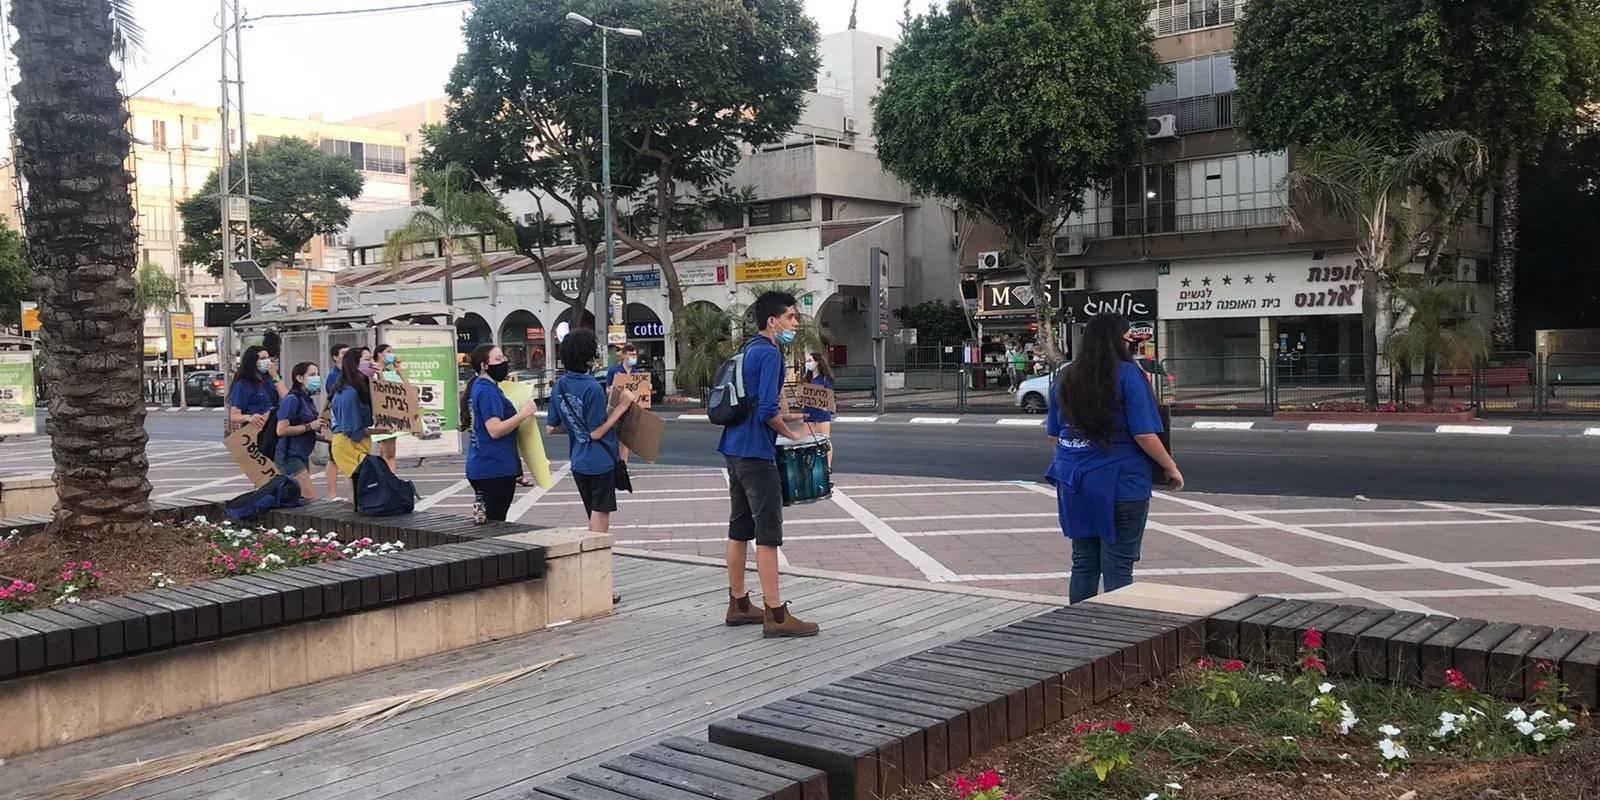 ראש העיר כפר סבא לשר החינוך: יש להביא לסיום סכנת הקיום מעל ראשן של תנועות הנוער בישראל